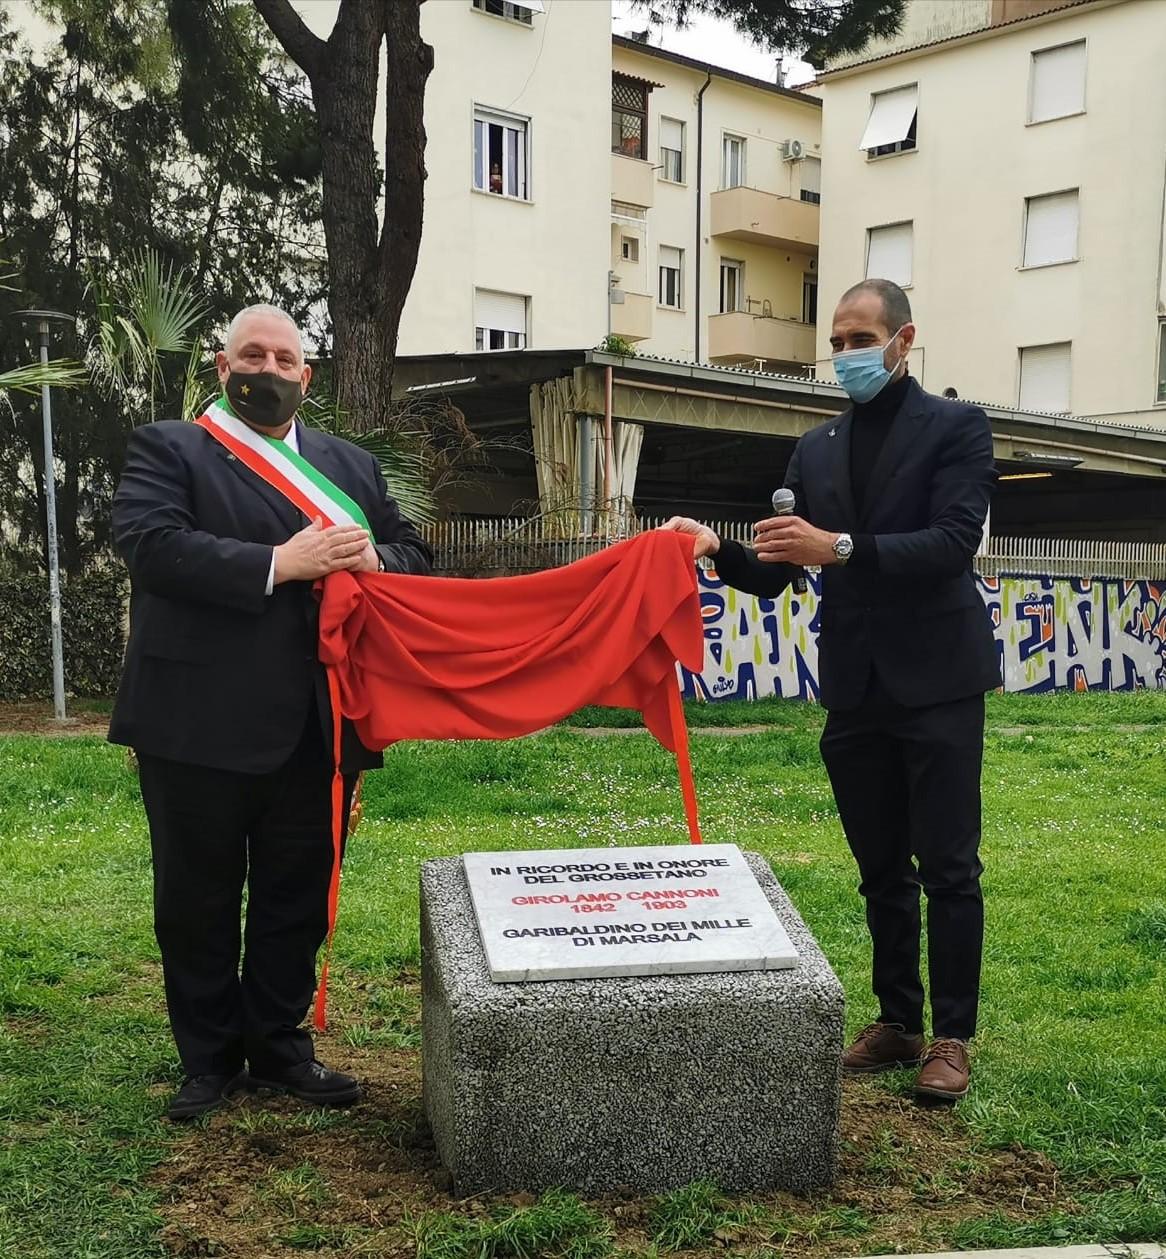 grosseto-sindaco-vivarelli-colonna-la-posa-della-targa-commemorativa-dedicata-a-Girolamo-Cannoni-per-il-160o-anniversario-dellUnita-dItalia.j